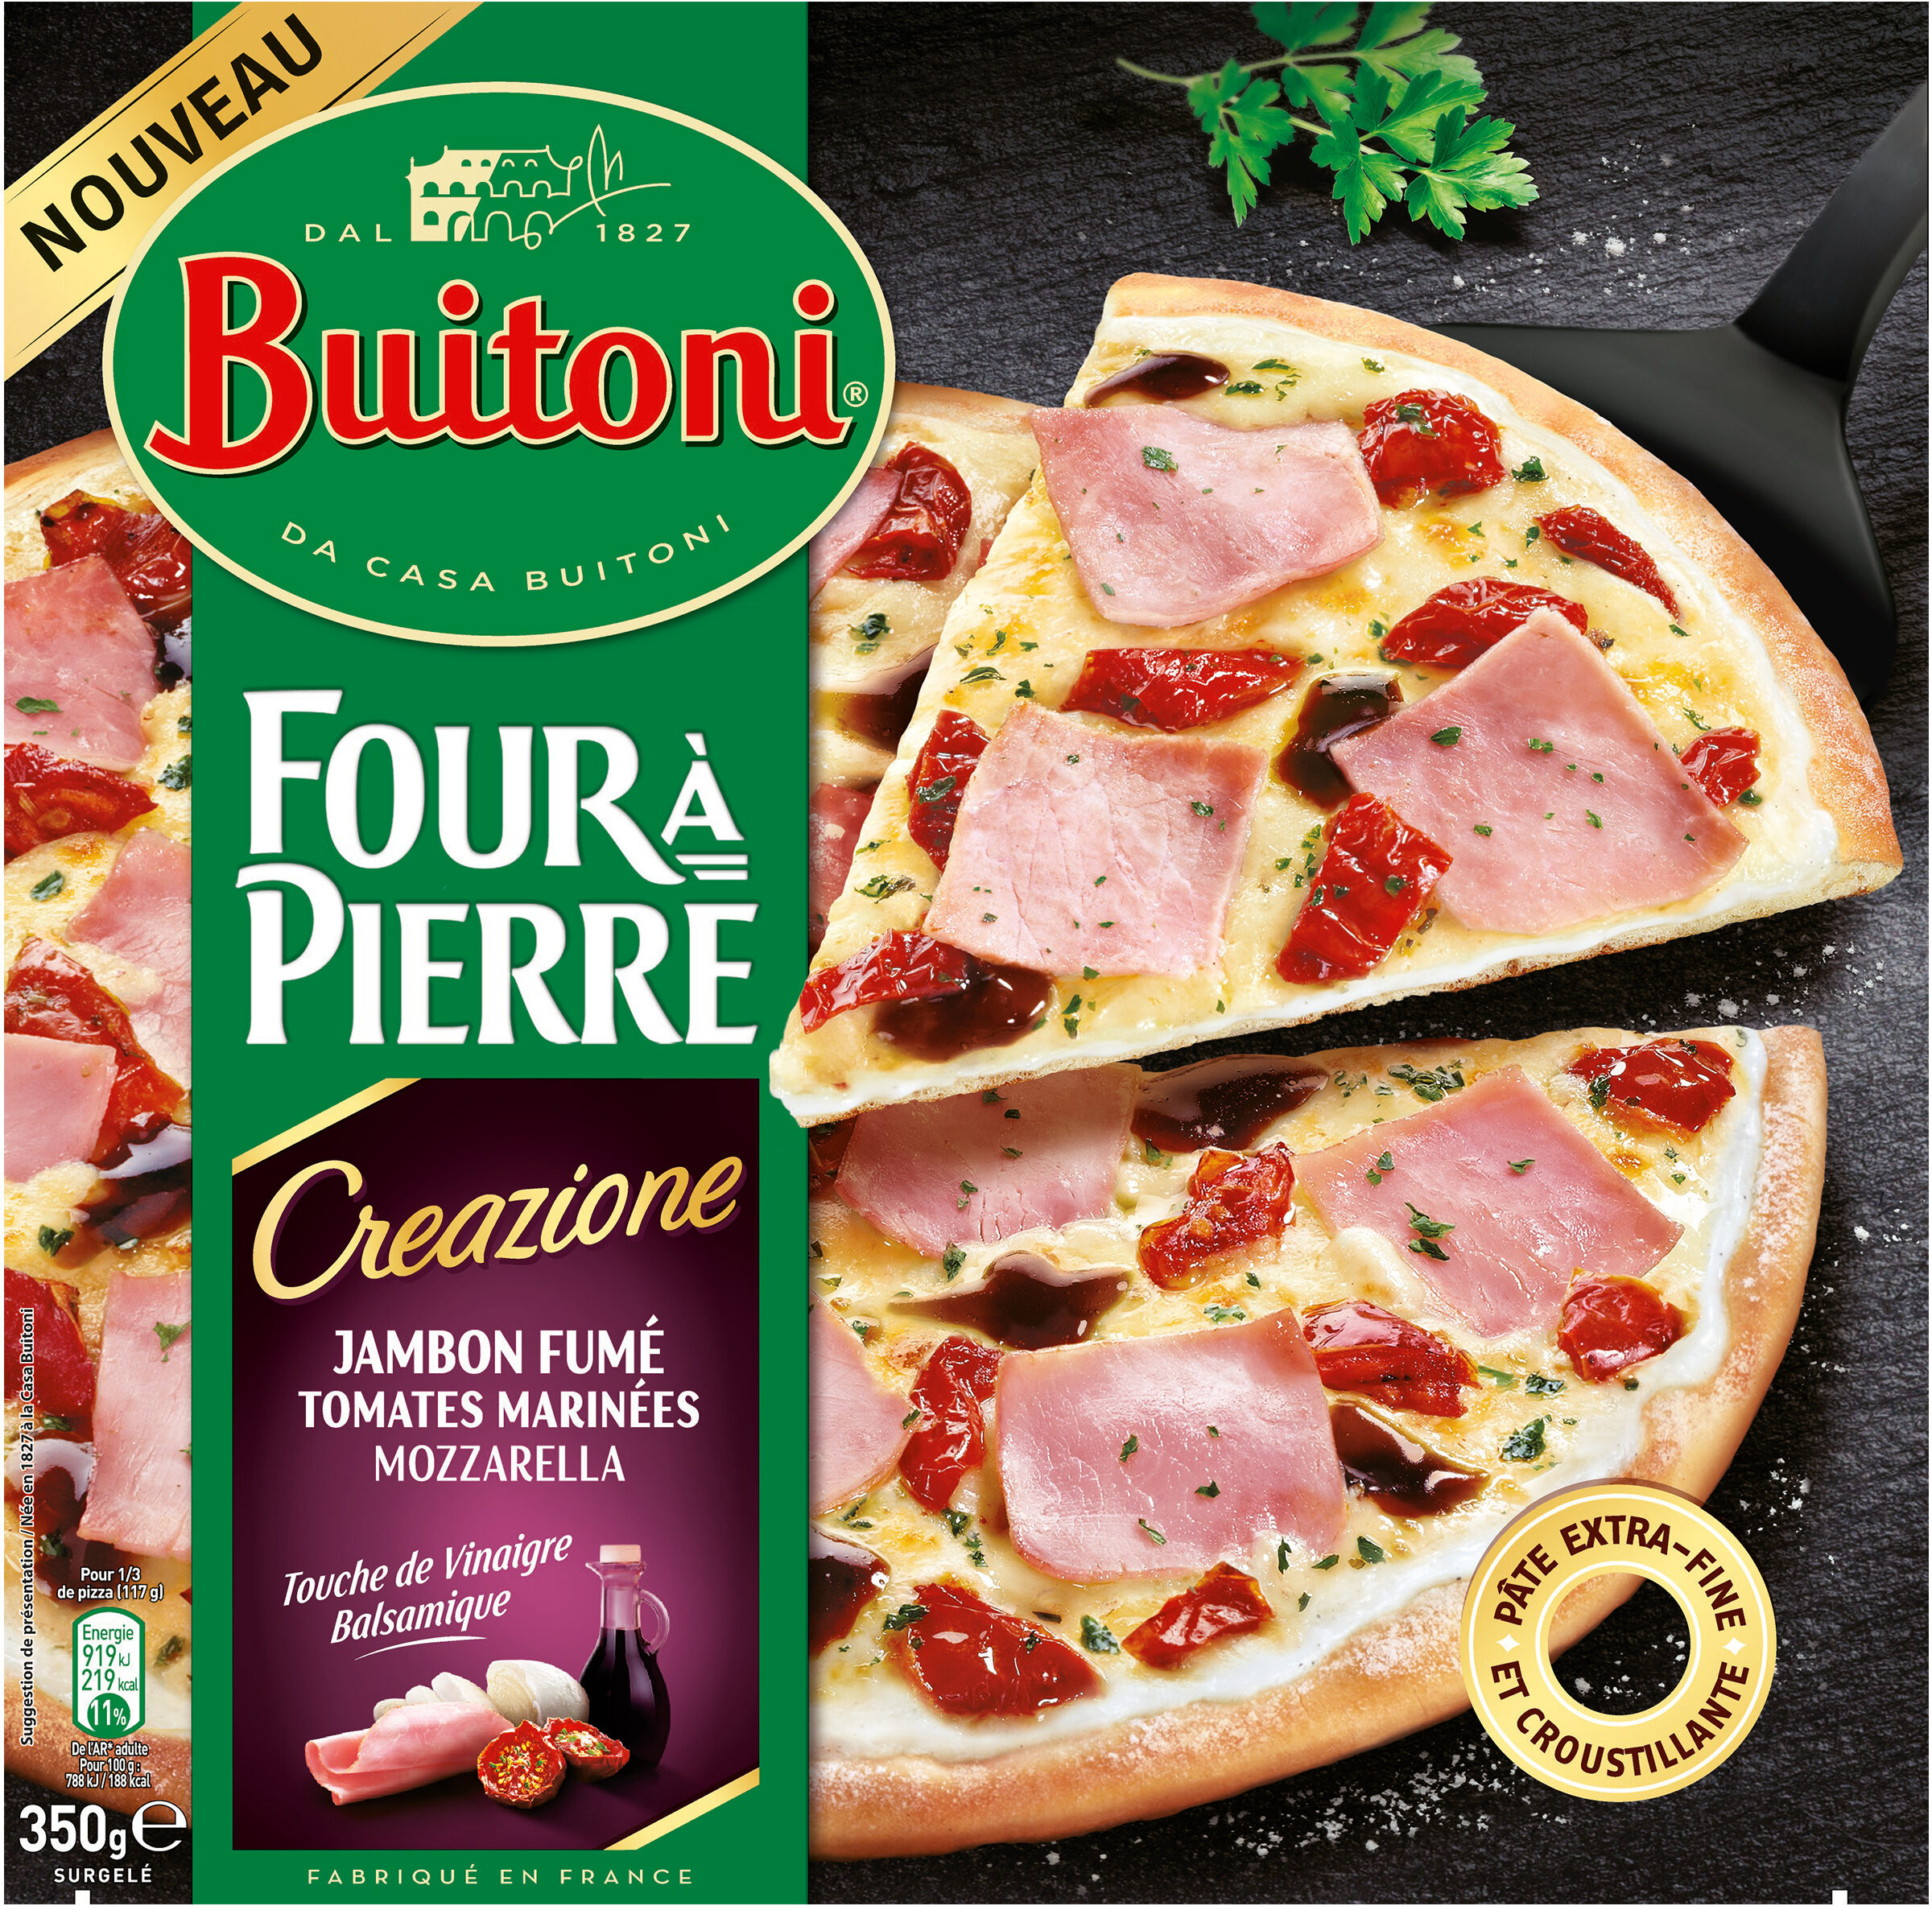 BUITONI FOUR A PIERRE CREAZIONE pizza surgelée Jambon Fumé - Produit - fr